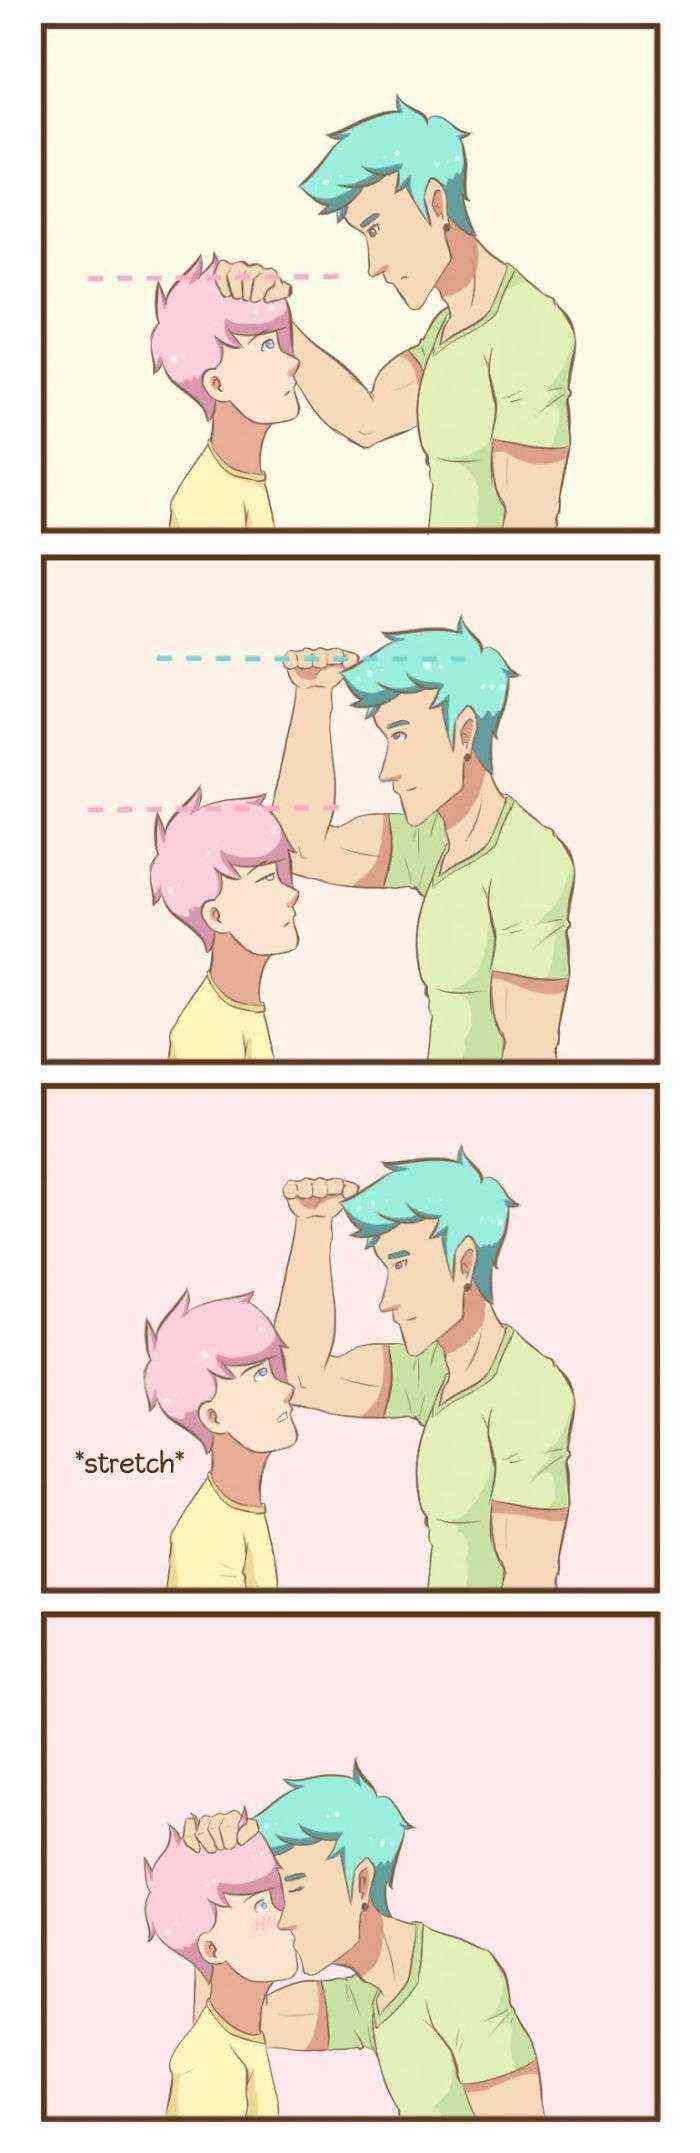 1522241346 512 20 adorables comics sobre la vida diaria de una pareja gay - 20 Adorables cómics sobre la vida diaria de una pareja gay